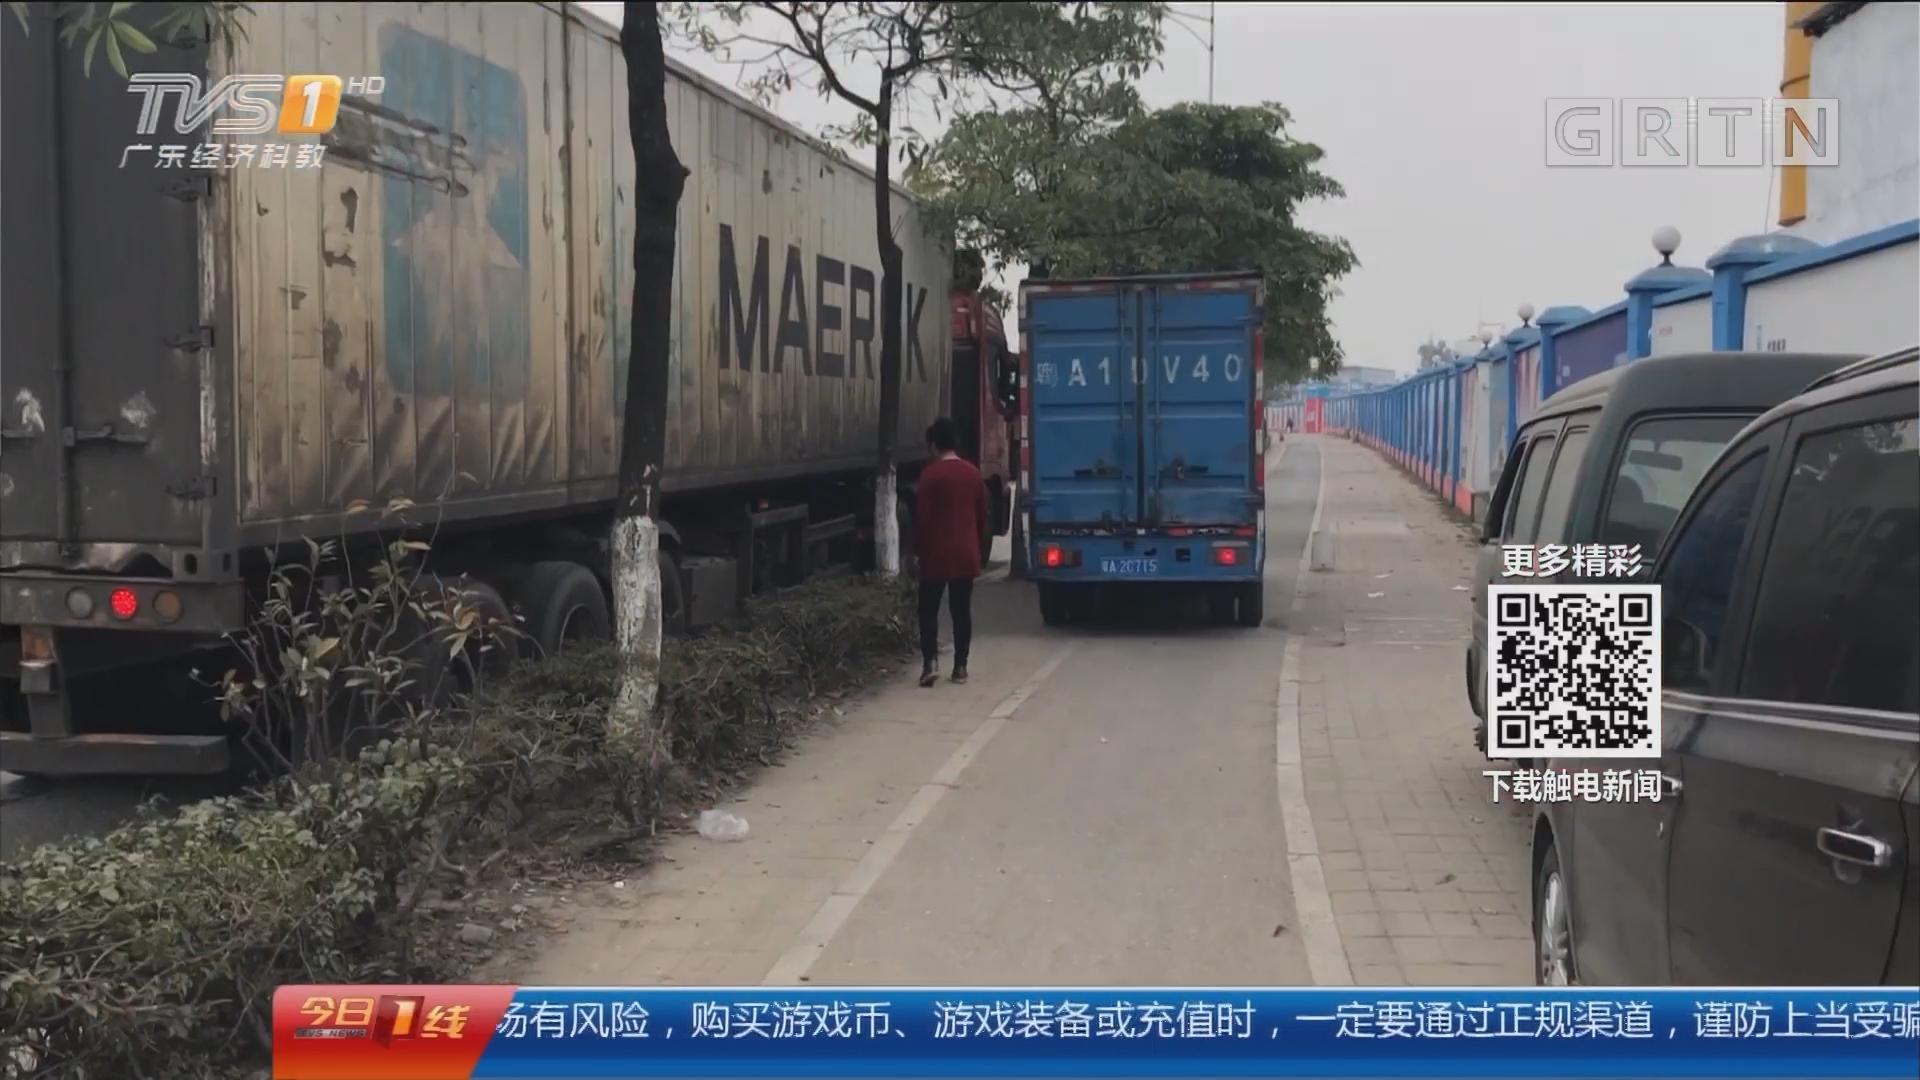 """广州白云区:黑油车长期盘踞 有""""大人物""""不怕曝光?"""